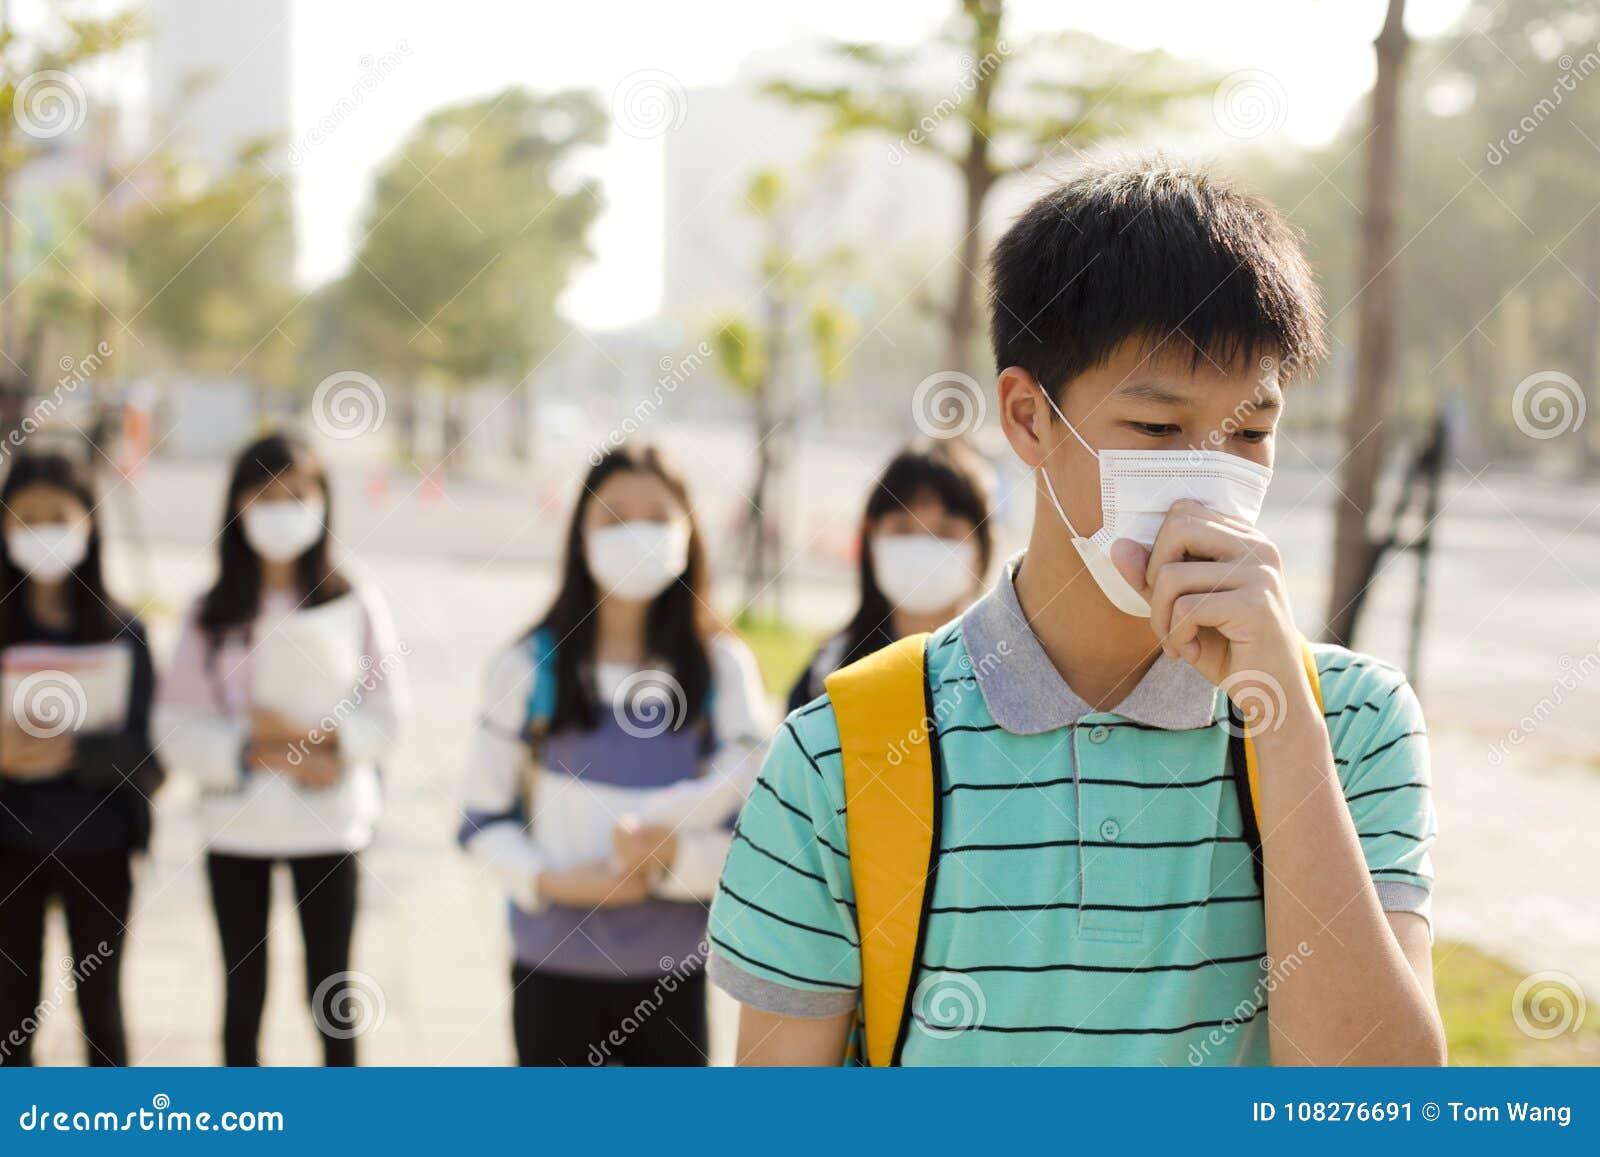 Máscara vestindo da boca do estudante contra a poluição atmosférica na cidade